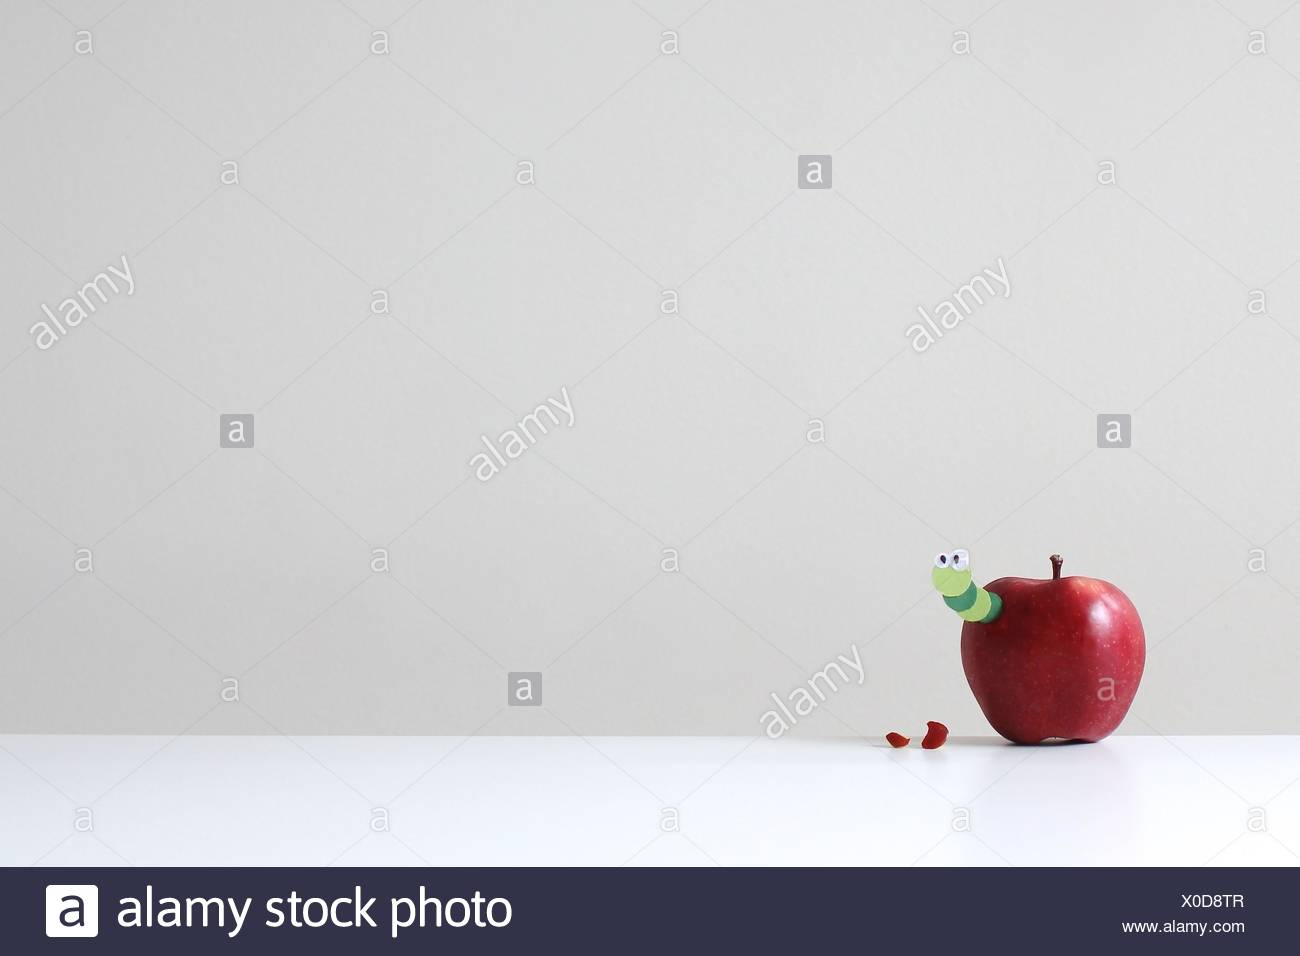 Una manzana roja con un libro verde gusano asomando Imagen De Stock